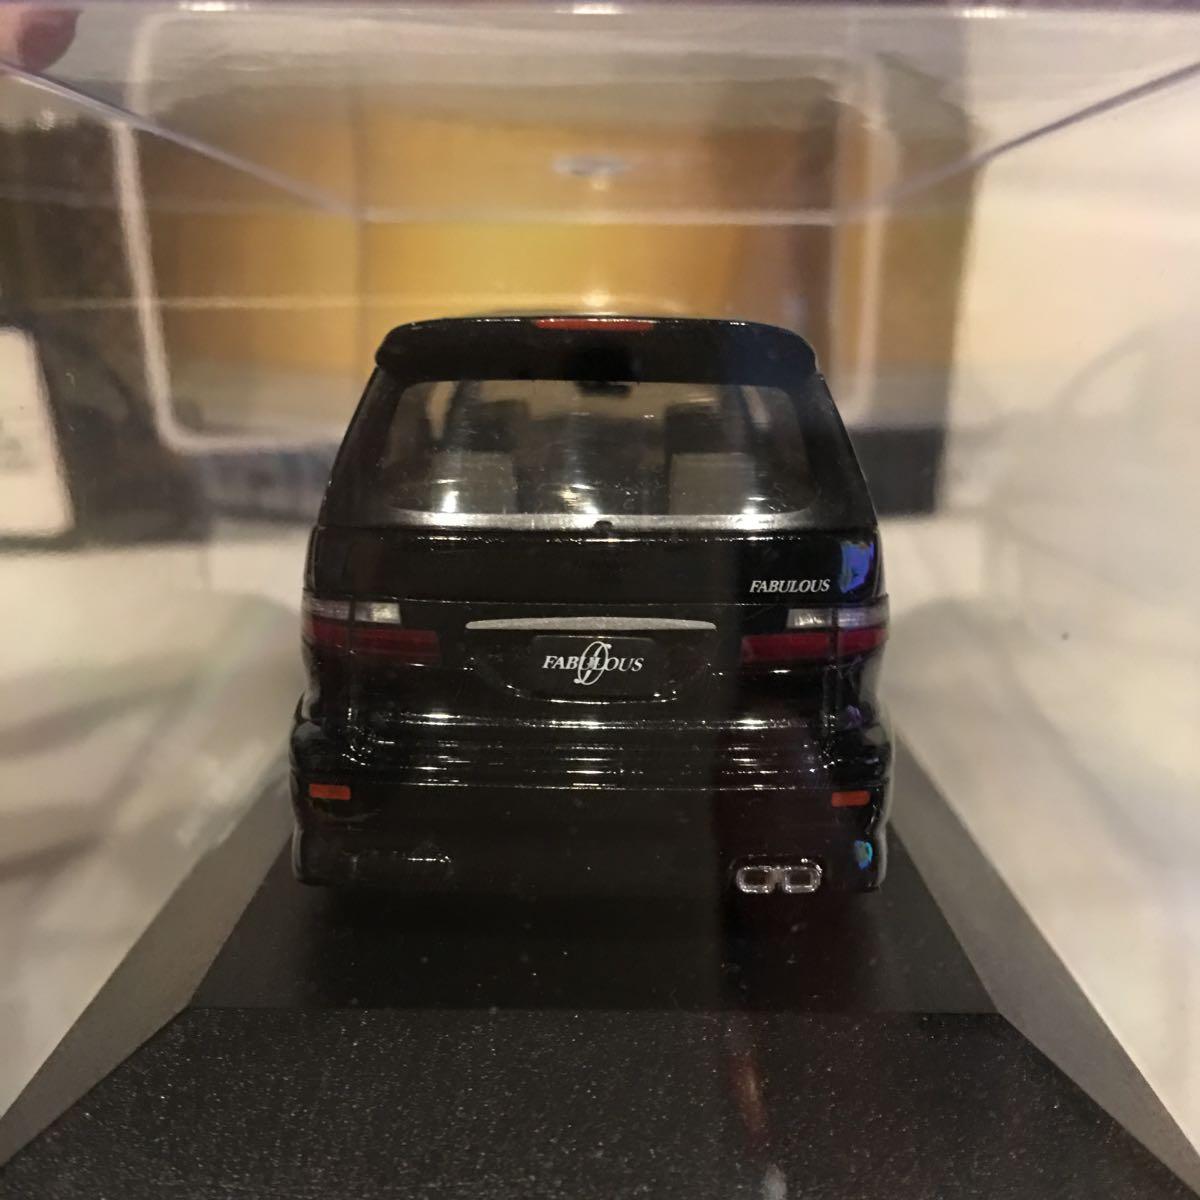 アオシマ 1/43 FABULOUS ACR MCR トヨタ エスティマ ブラック ミニカー ファブレス エアロ ホイール カスタム モデルカー 黒色 ESTIMA_画像10